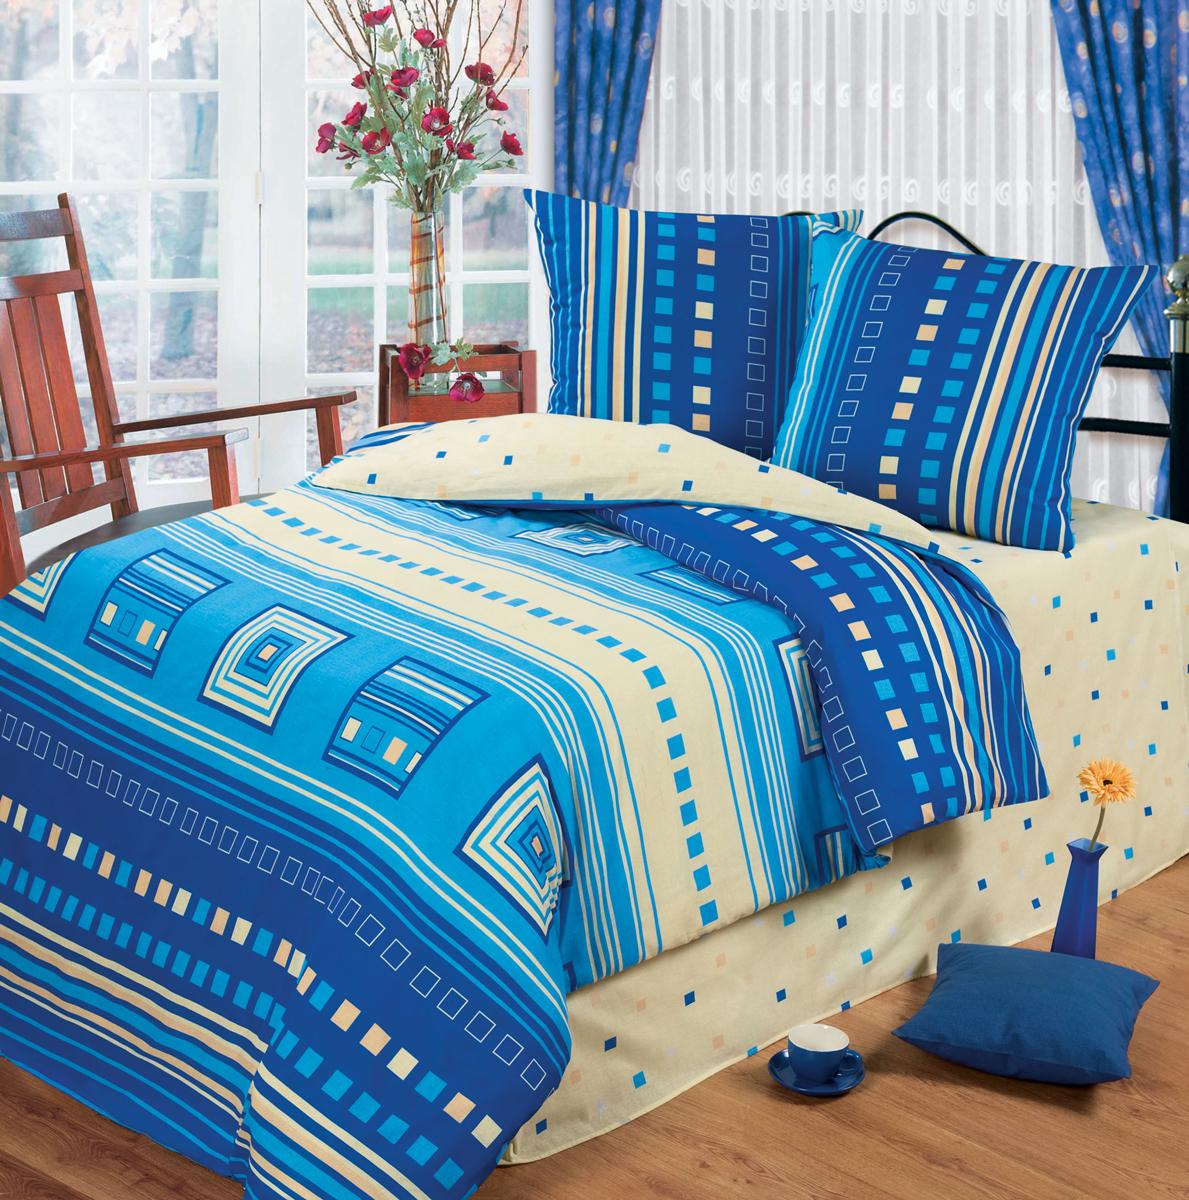 Комплект белья Любимый дом Квадро, 1,5 спальное, наволочки 70 х 70, цвет: голубой. 333650333650Постельное белье торговой марки «Любимый дом» - это идеальное сочетание доступной цены и высокого качества продукции. Серия «Любимый дом 3D» выполнена в технике объемного трехмерного изображения: объемные рисунки очень яркие, насыщенные и реалистичные. Коллекция выполнена из традиционной отечественной бязи с высоким показателем износостойкости: такое постельное белье очень прочное и долговечное, не деформируется при стирках и прослужит долгие годы.